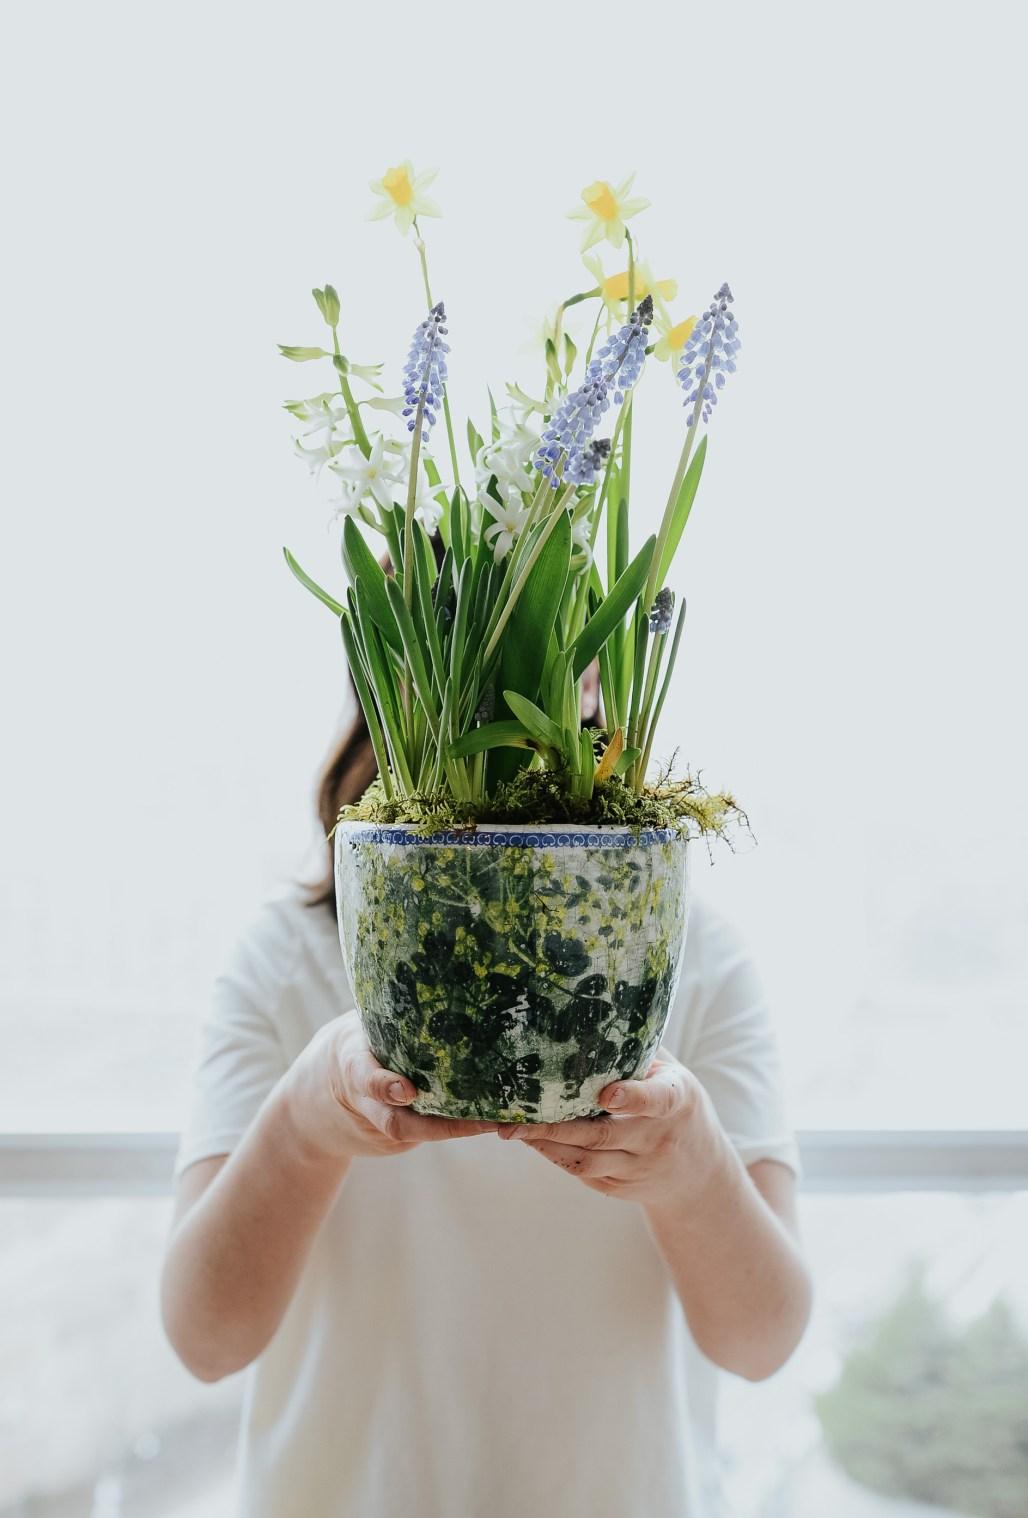 anthropologie-planter-arrangement-12